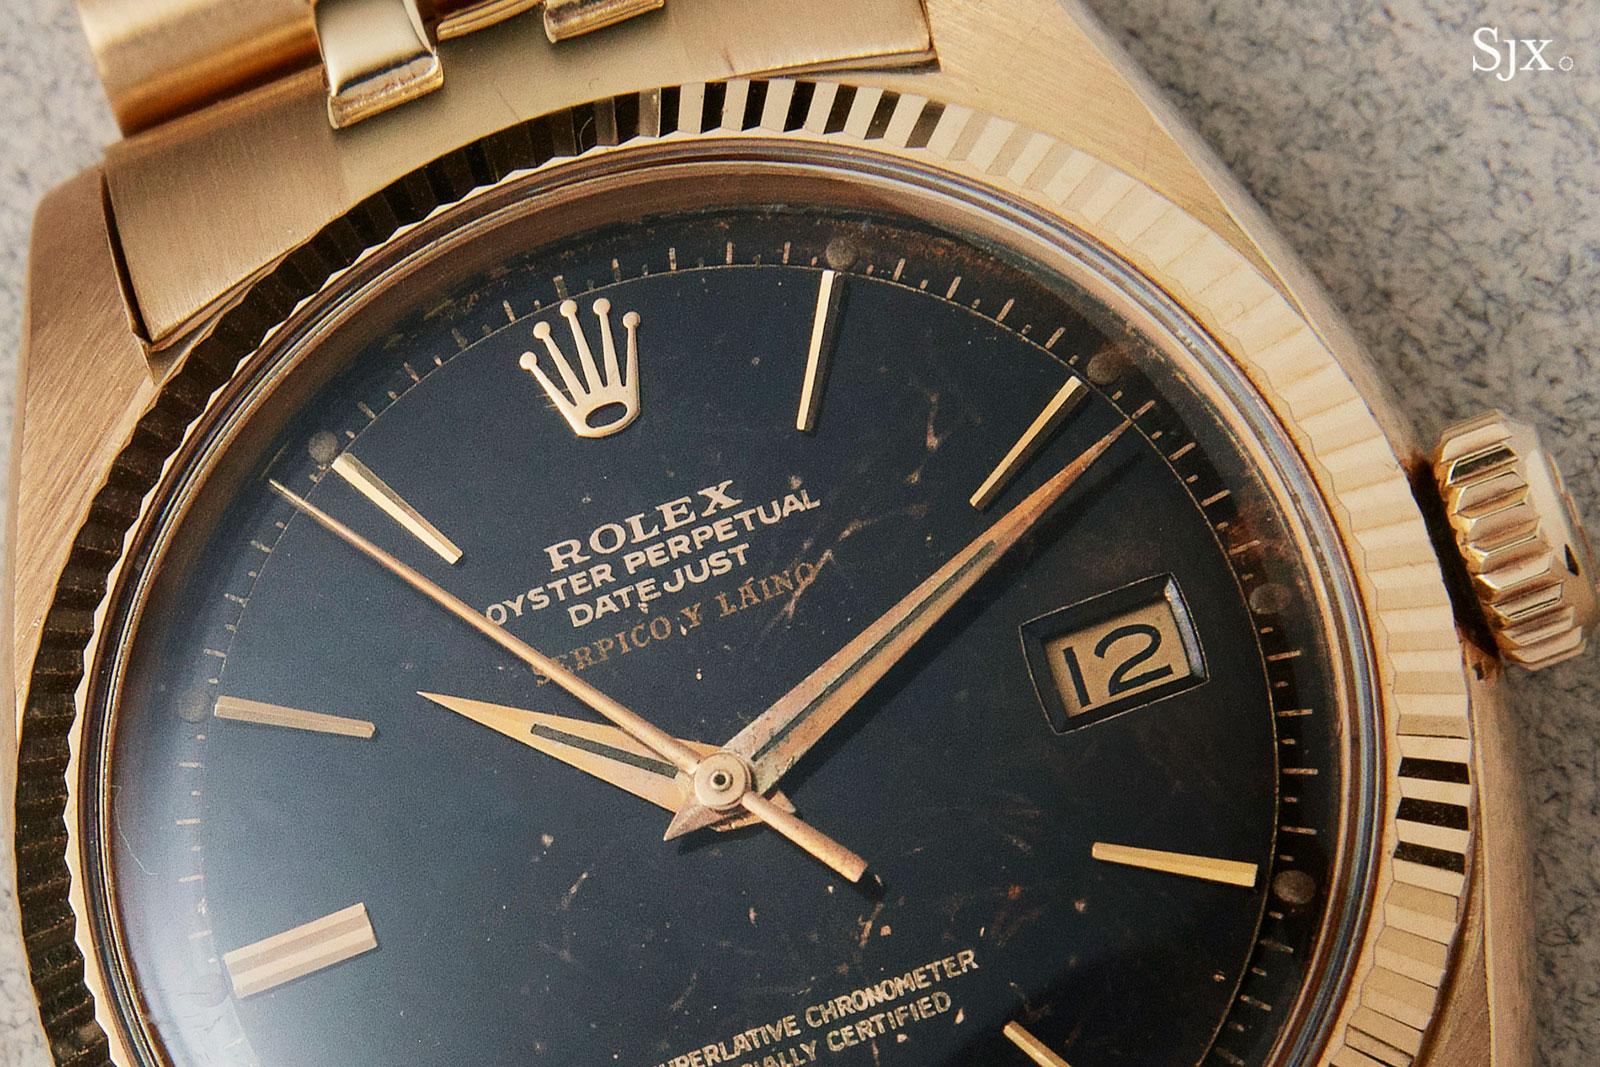 Rolex Datejust 6605 Serpico Laino 1